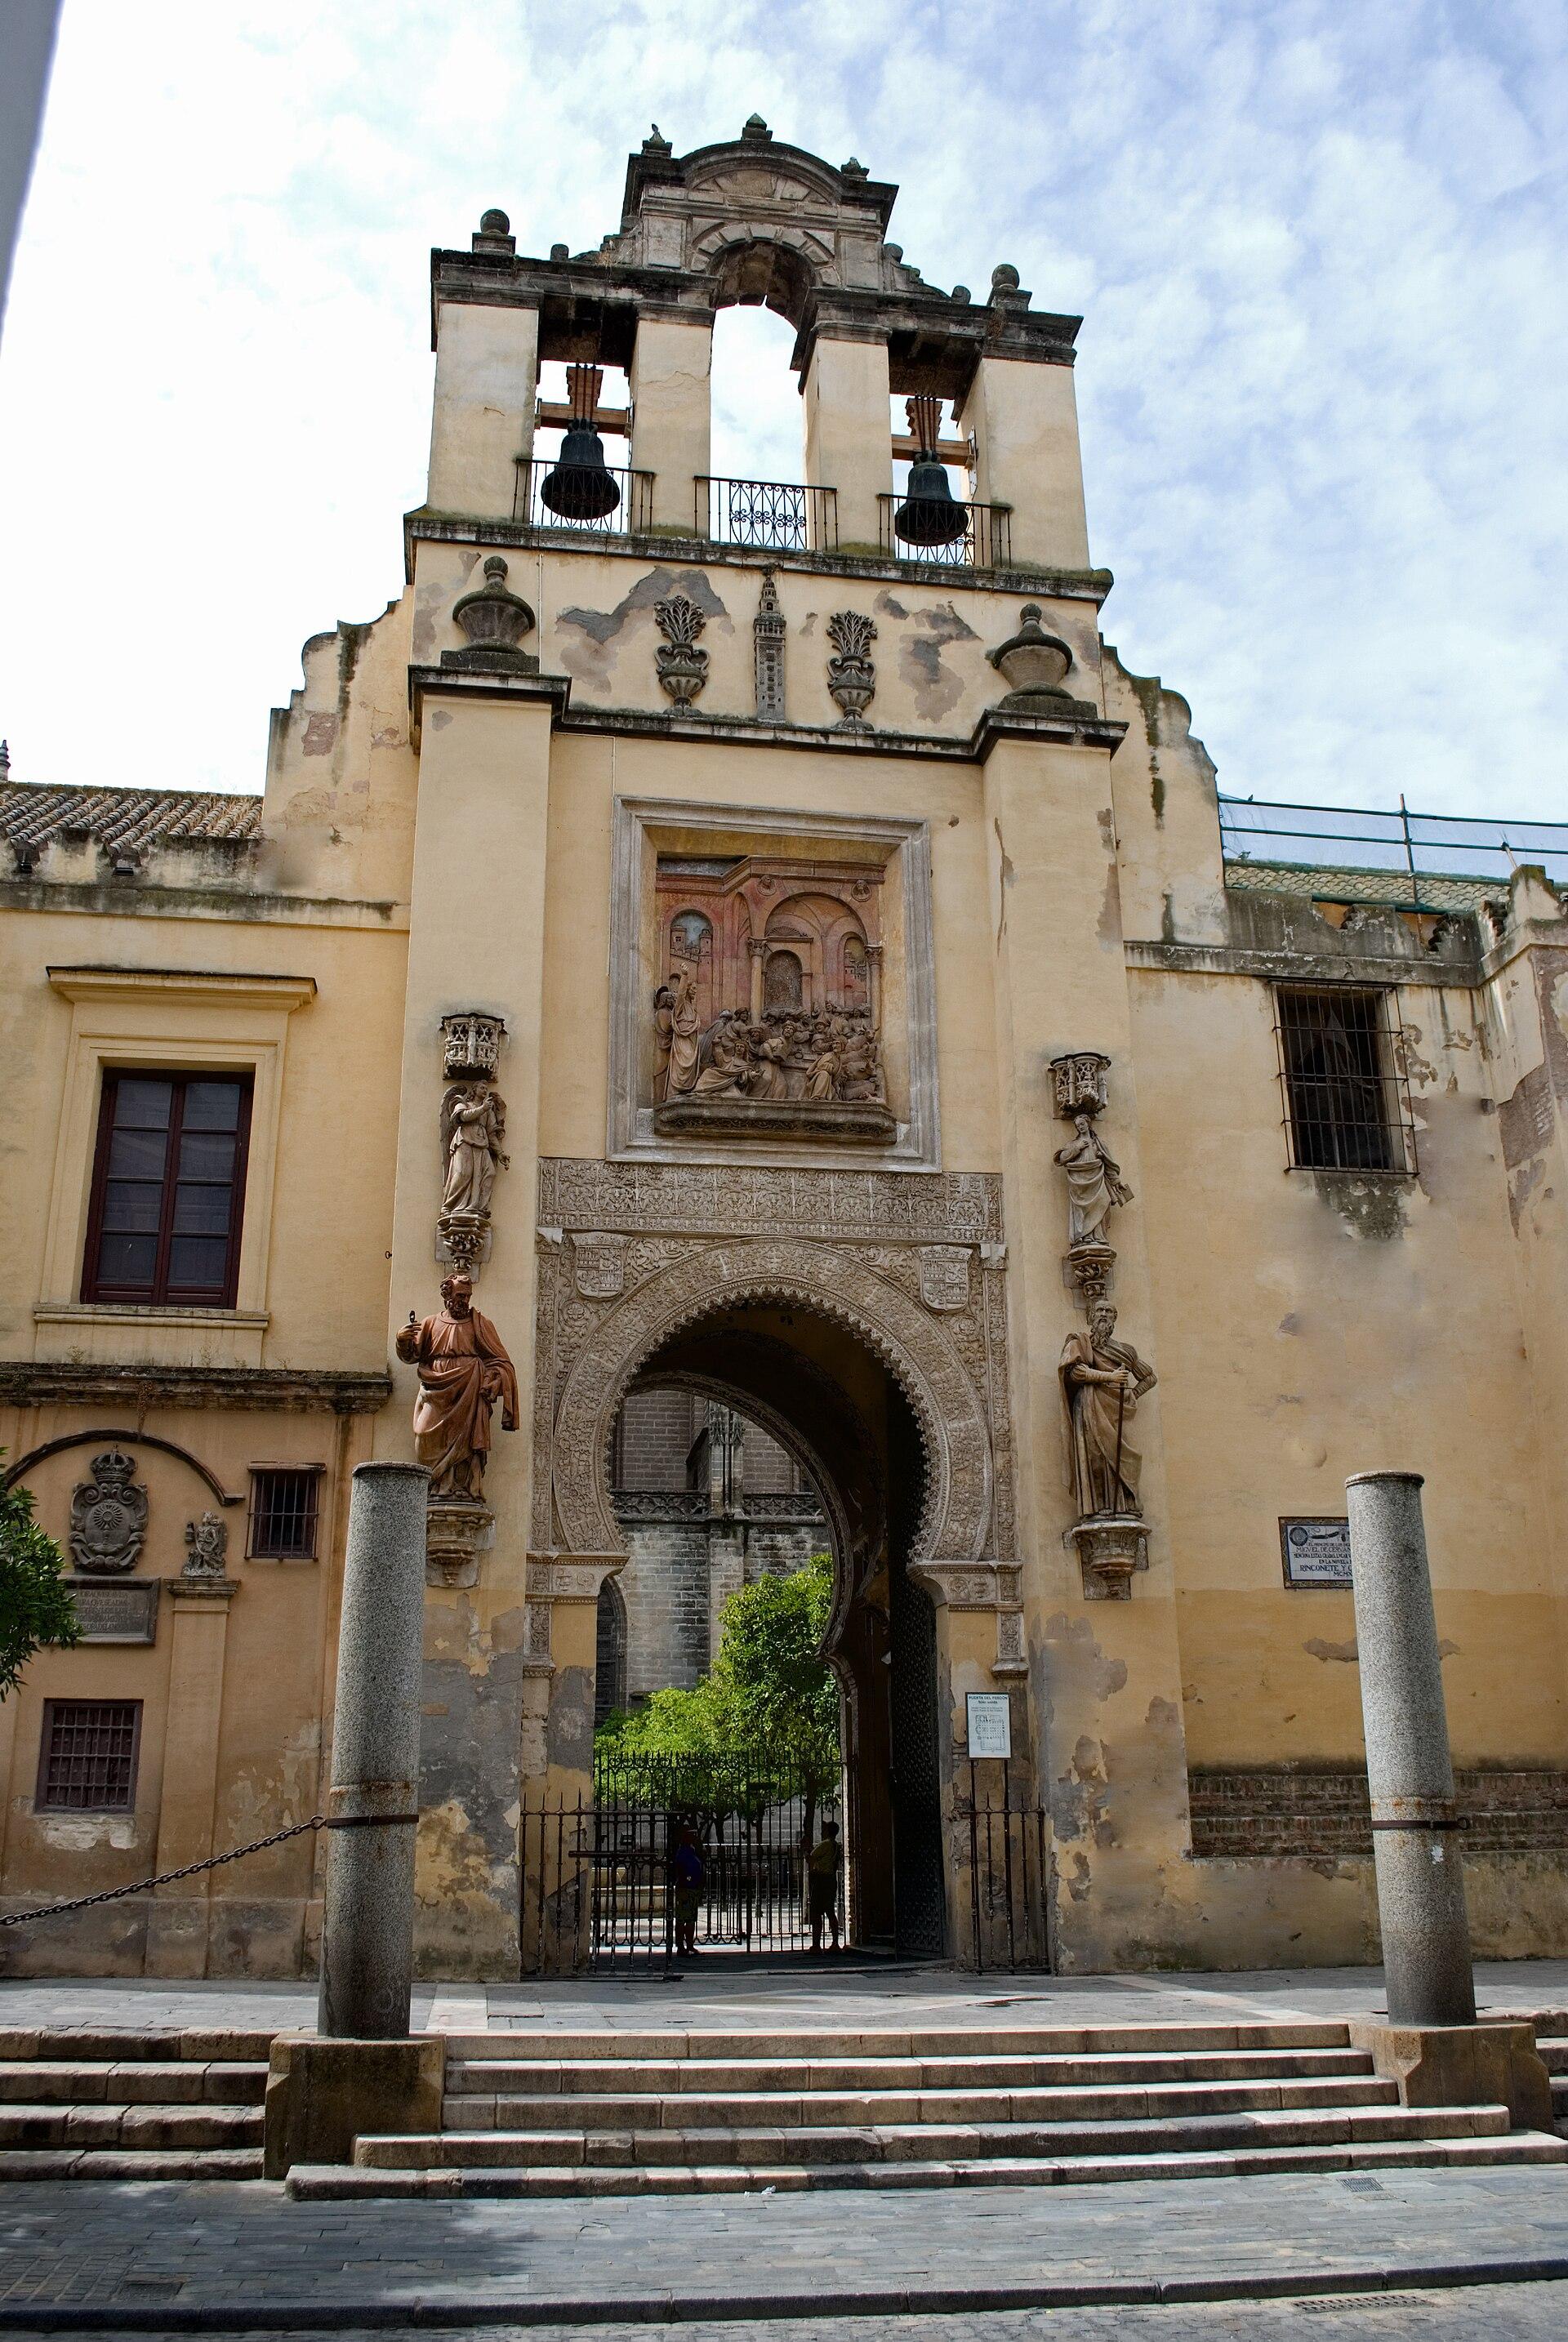 Historia de la catedral de santa mar a de sevilla for La fabrica del mueble sevilla